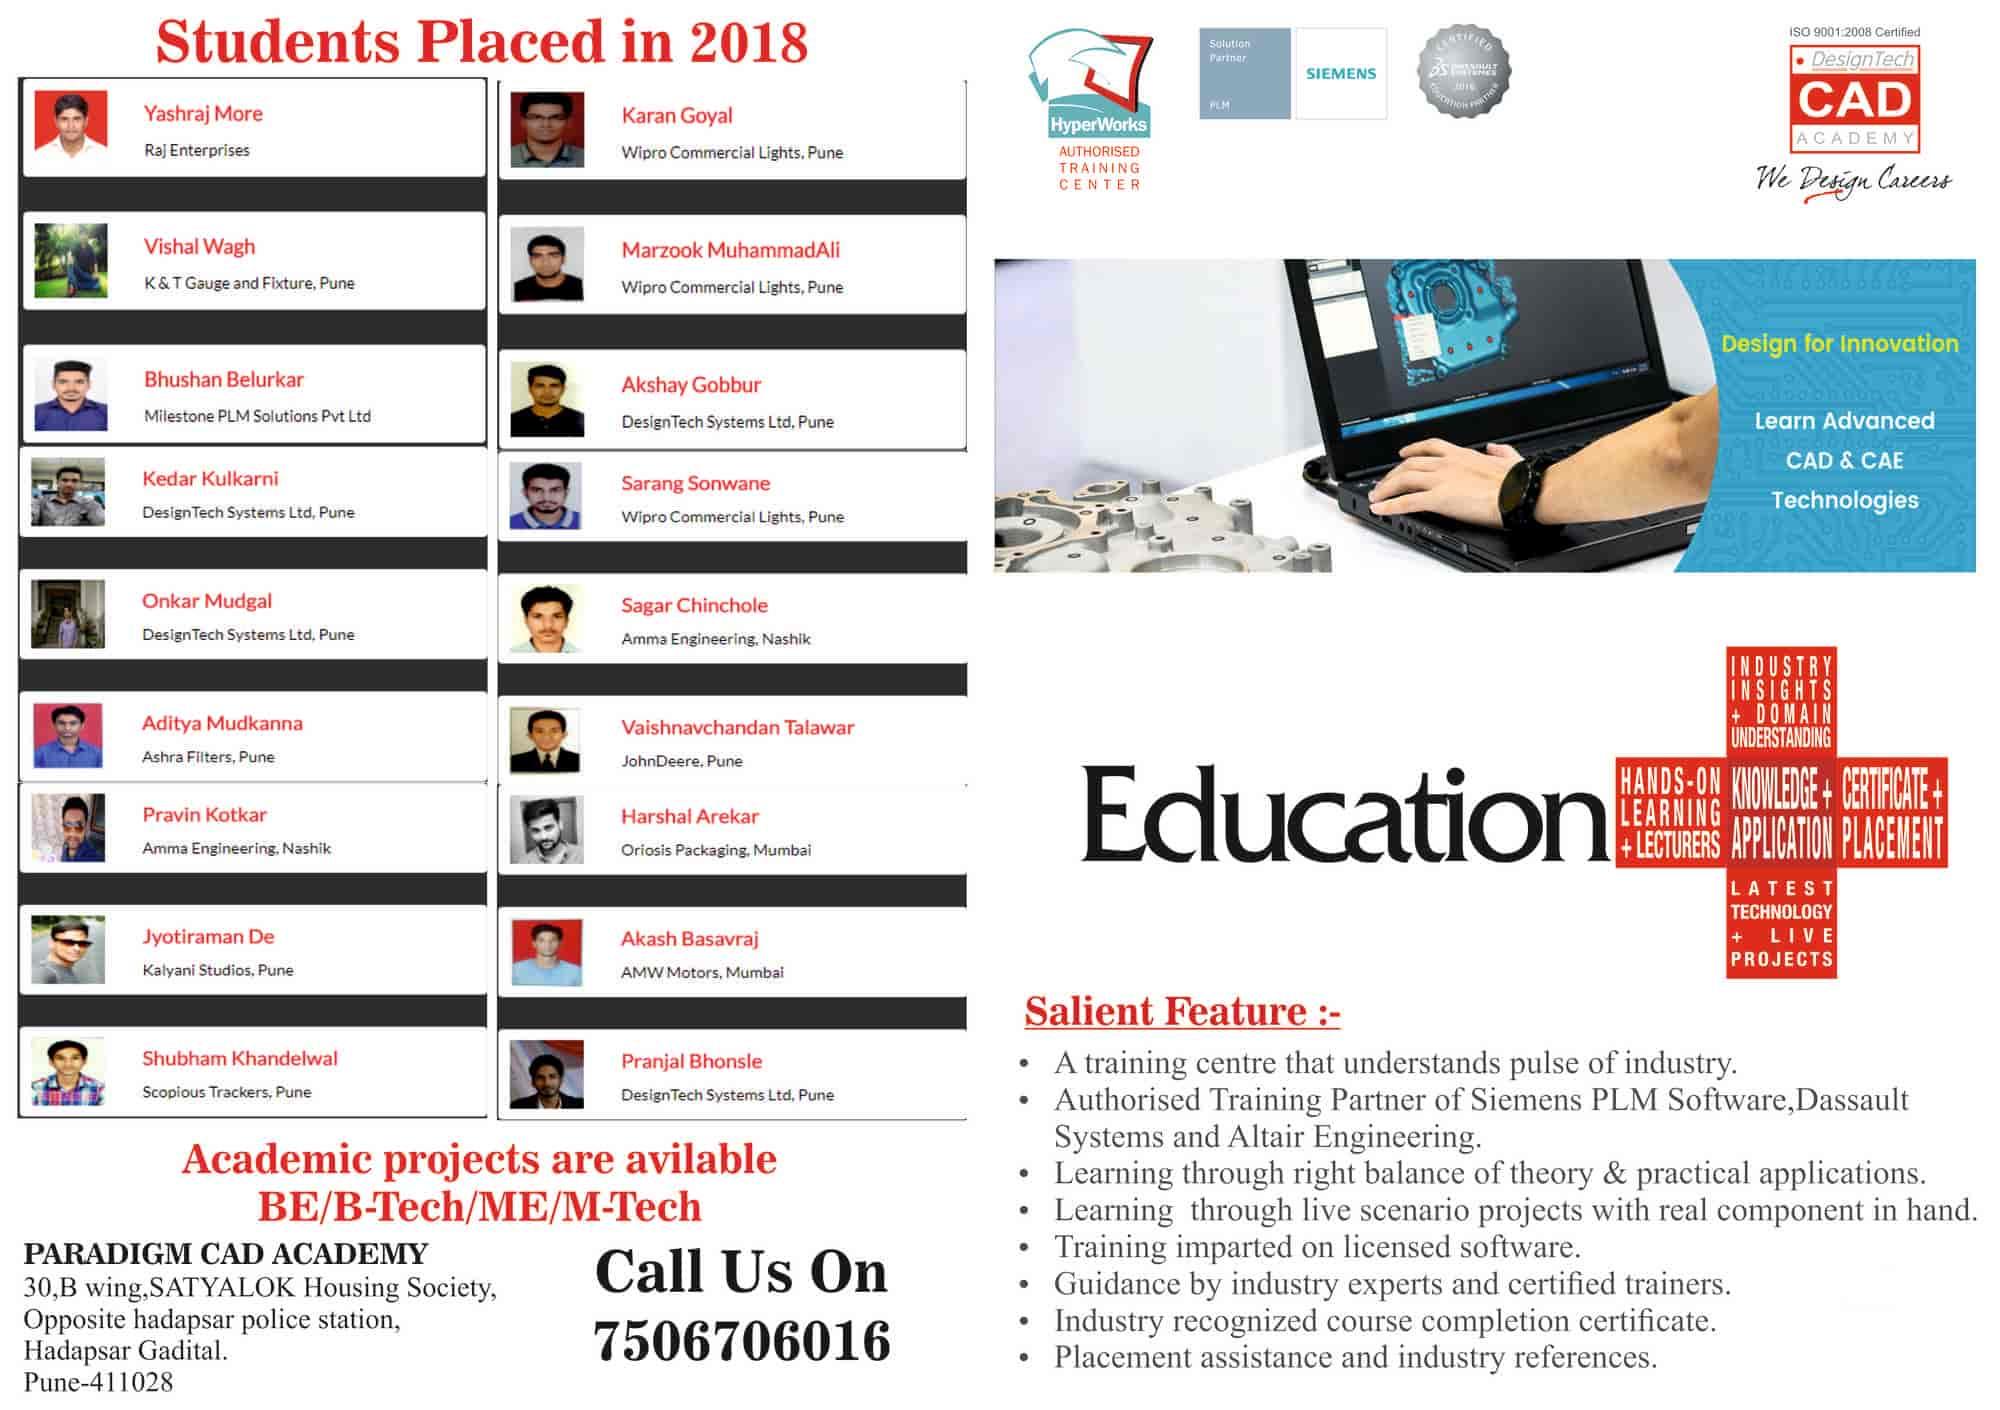 Paradigm CAD Academy, Hadapsar - Computer Training Institutes in